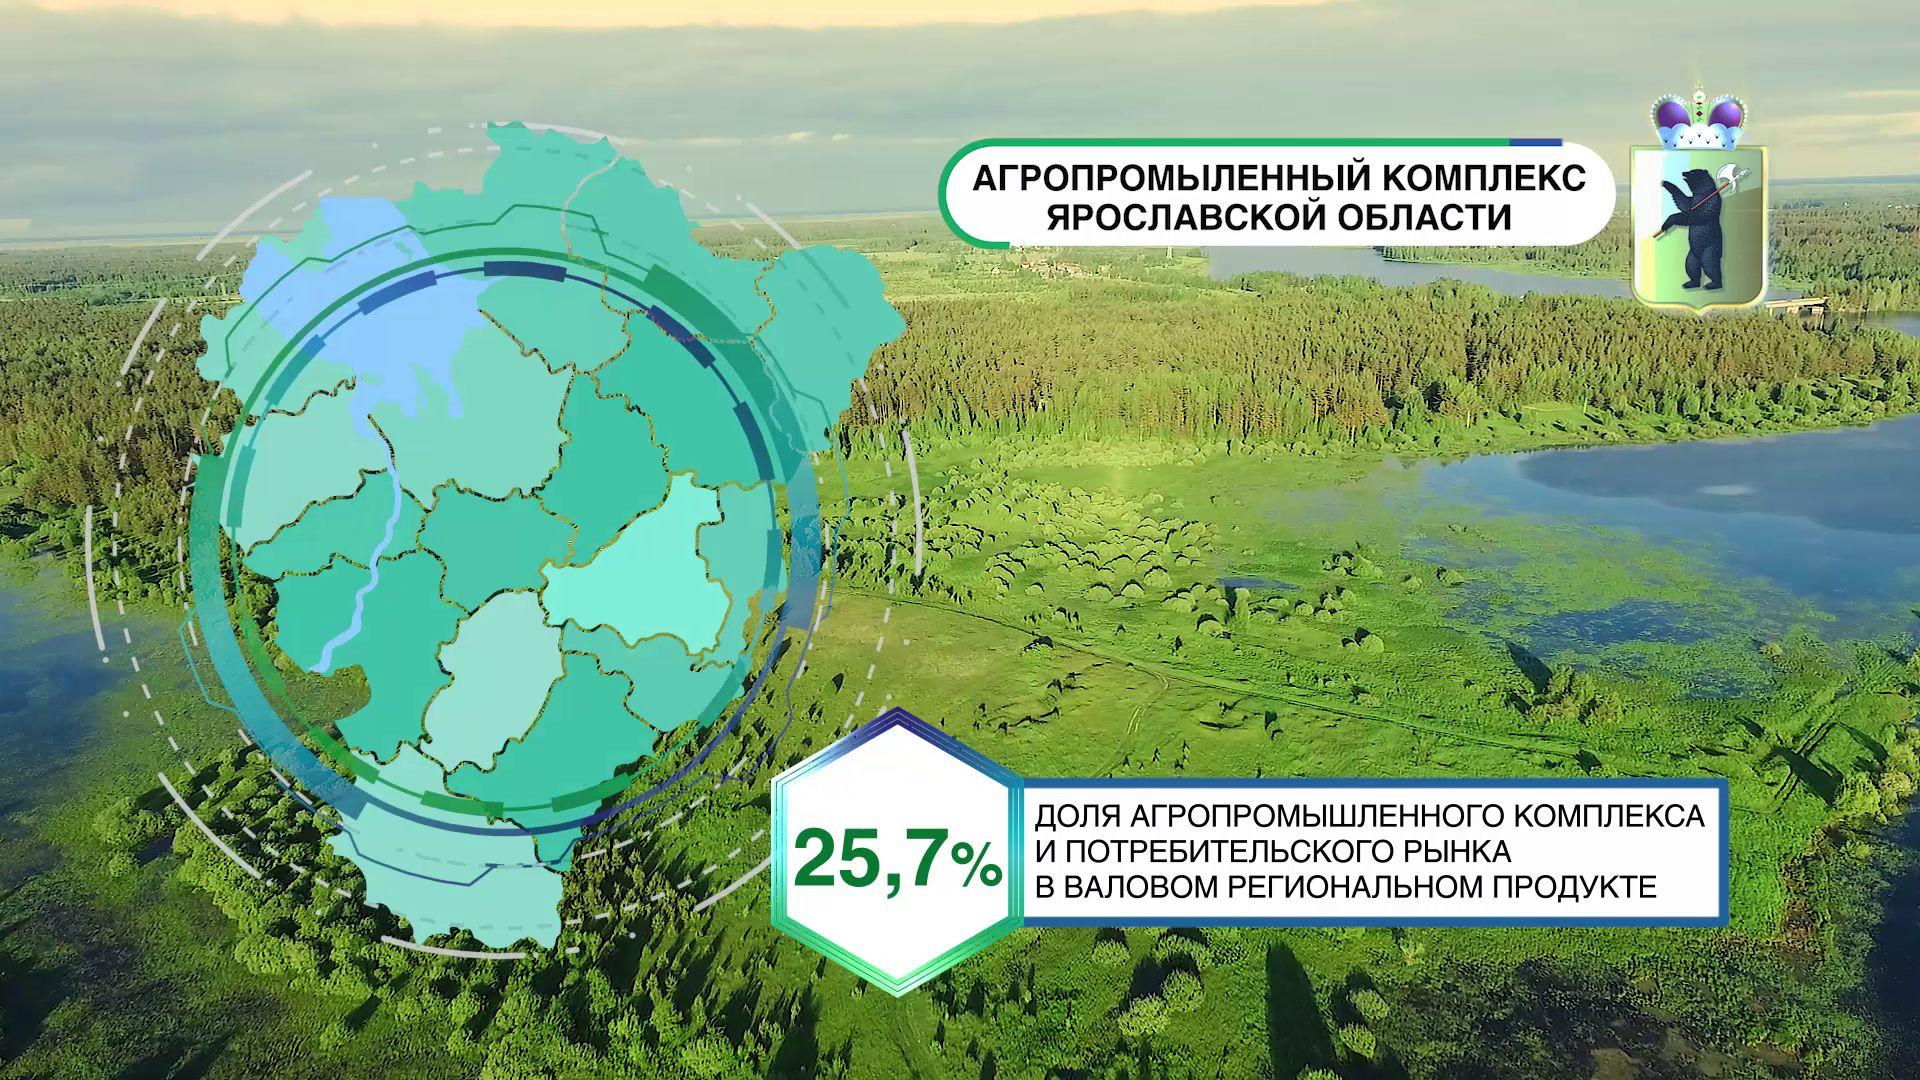 ВИДЕО: «Первый Ярославский» к выставке «Золотая осень» подготовил презентационный ролик Ярославской области